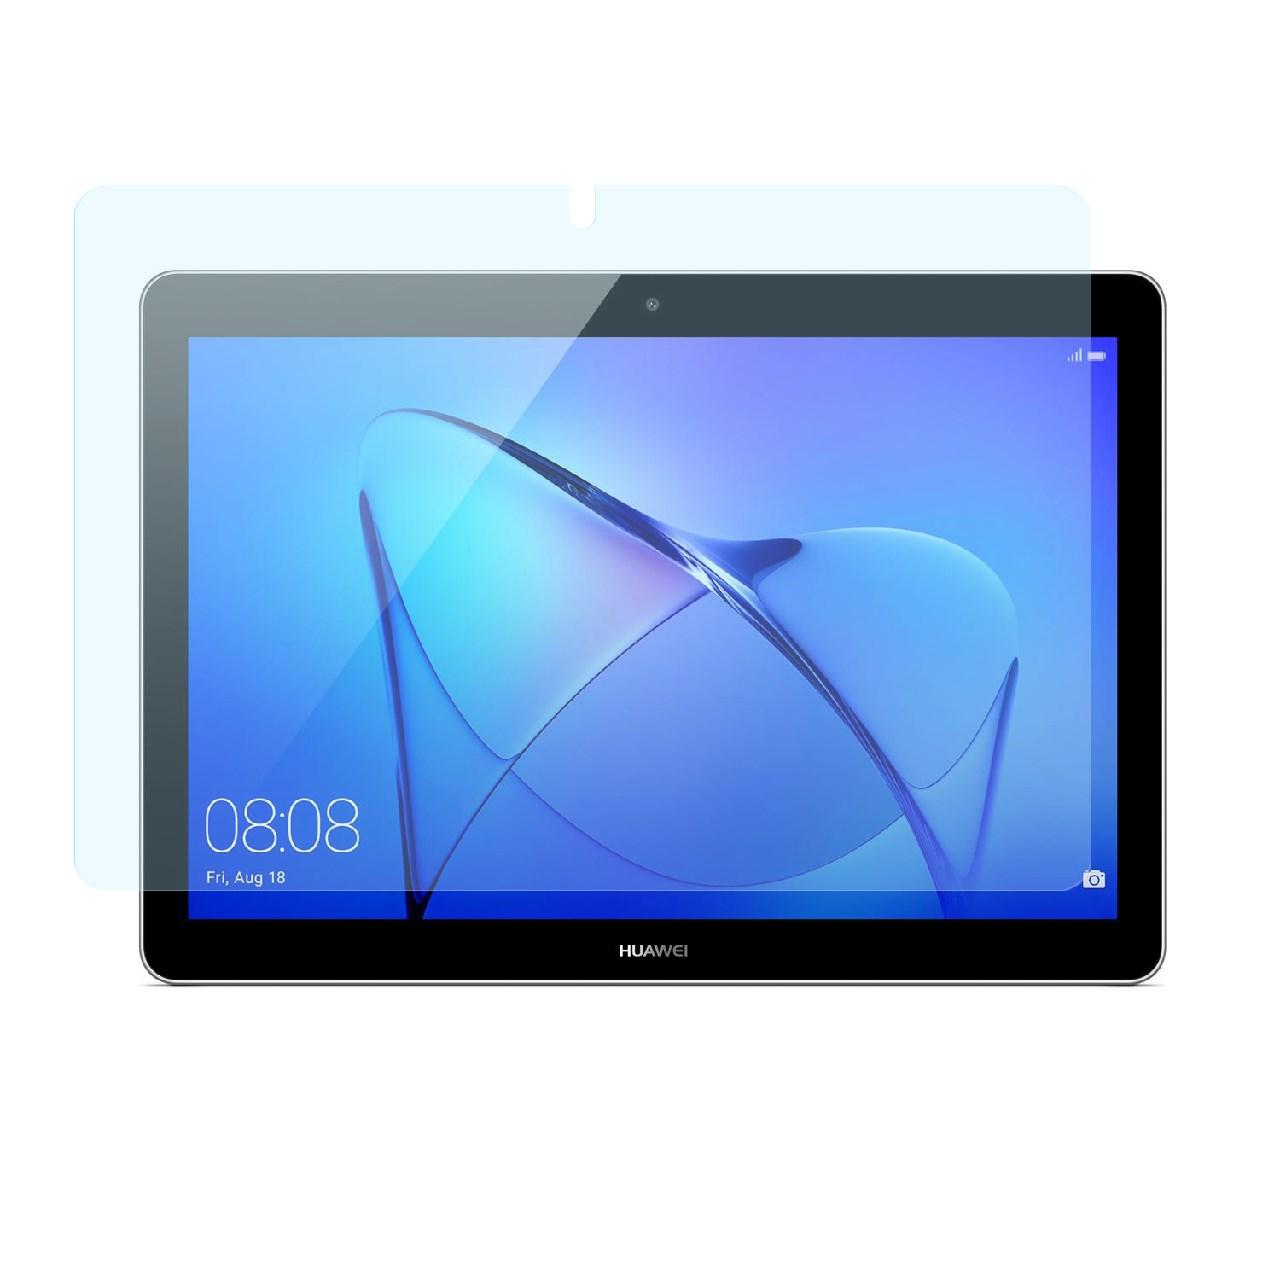 محافظ صفحه نمایش نشکن نانو مناسب برای تبلت هوآوی MediaPad T3 10